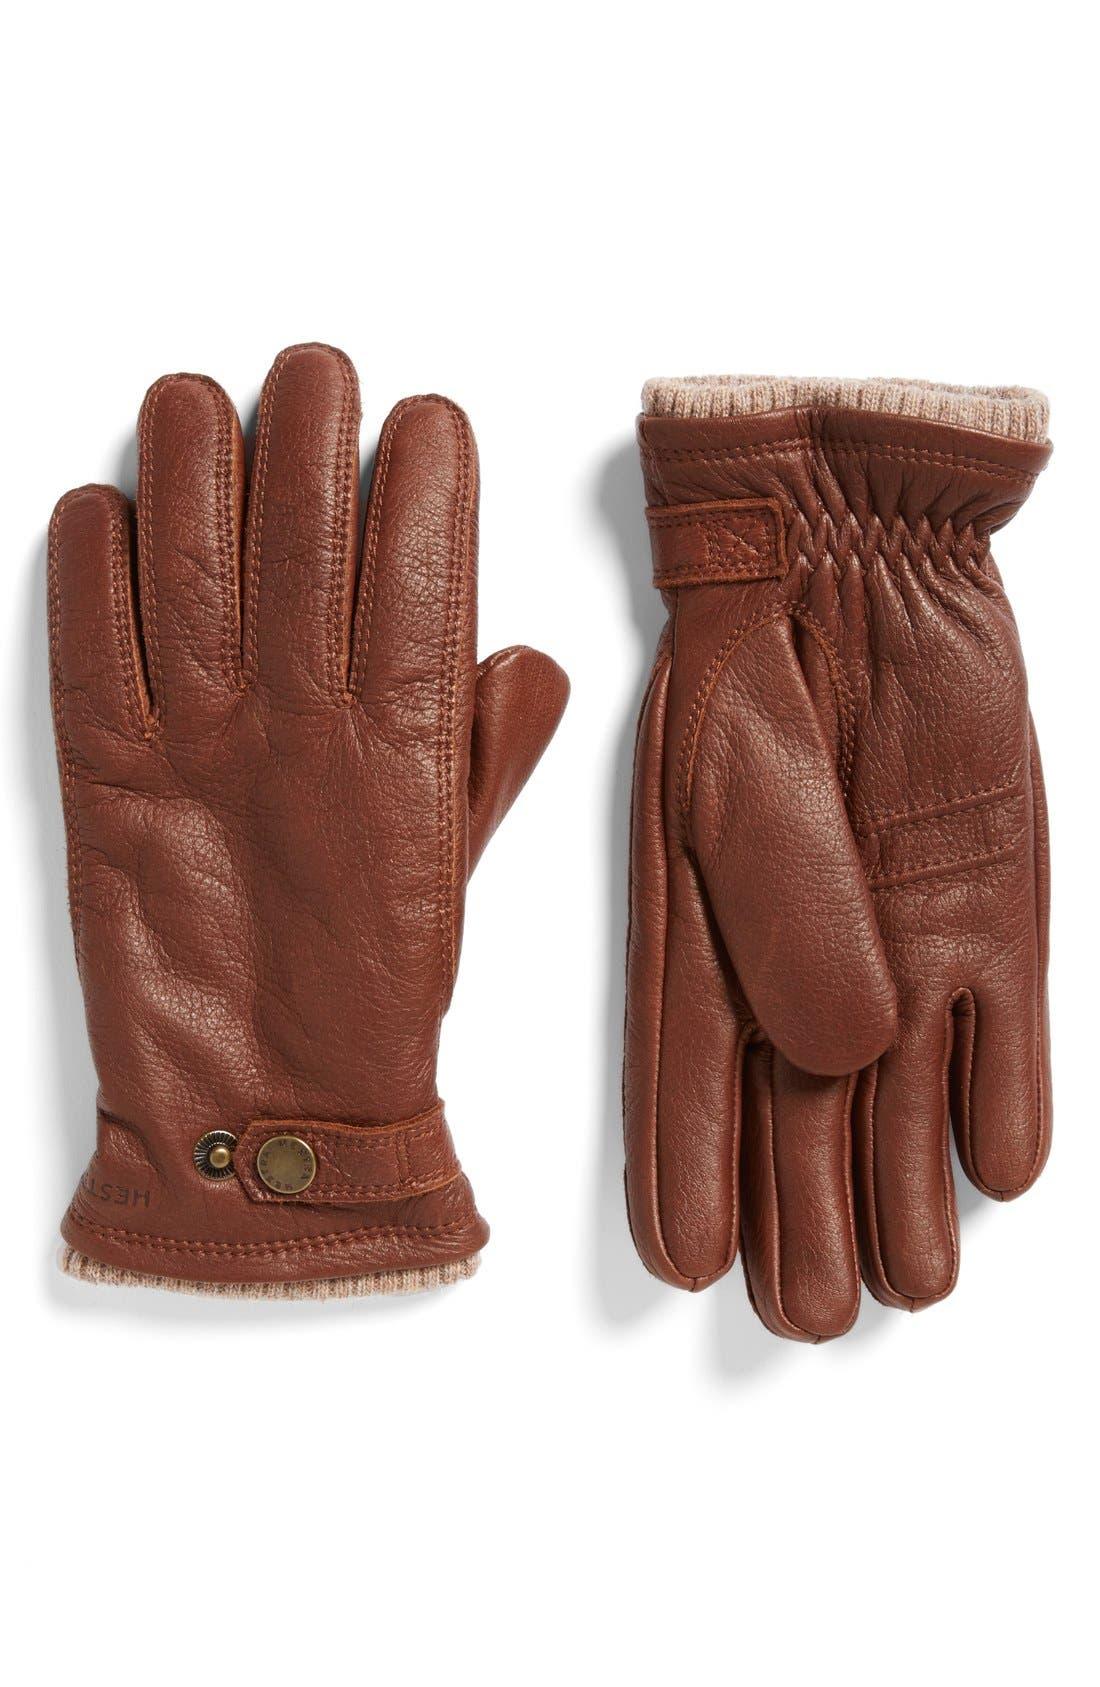 Utsjo Leather Gloves,                             Main thumbnail 1, color,                             Chestnut